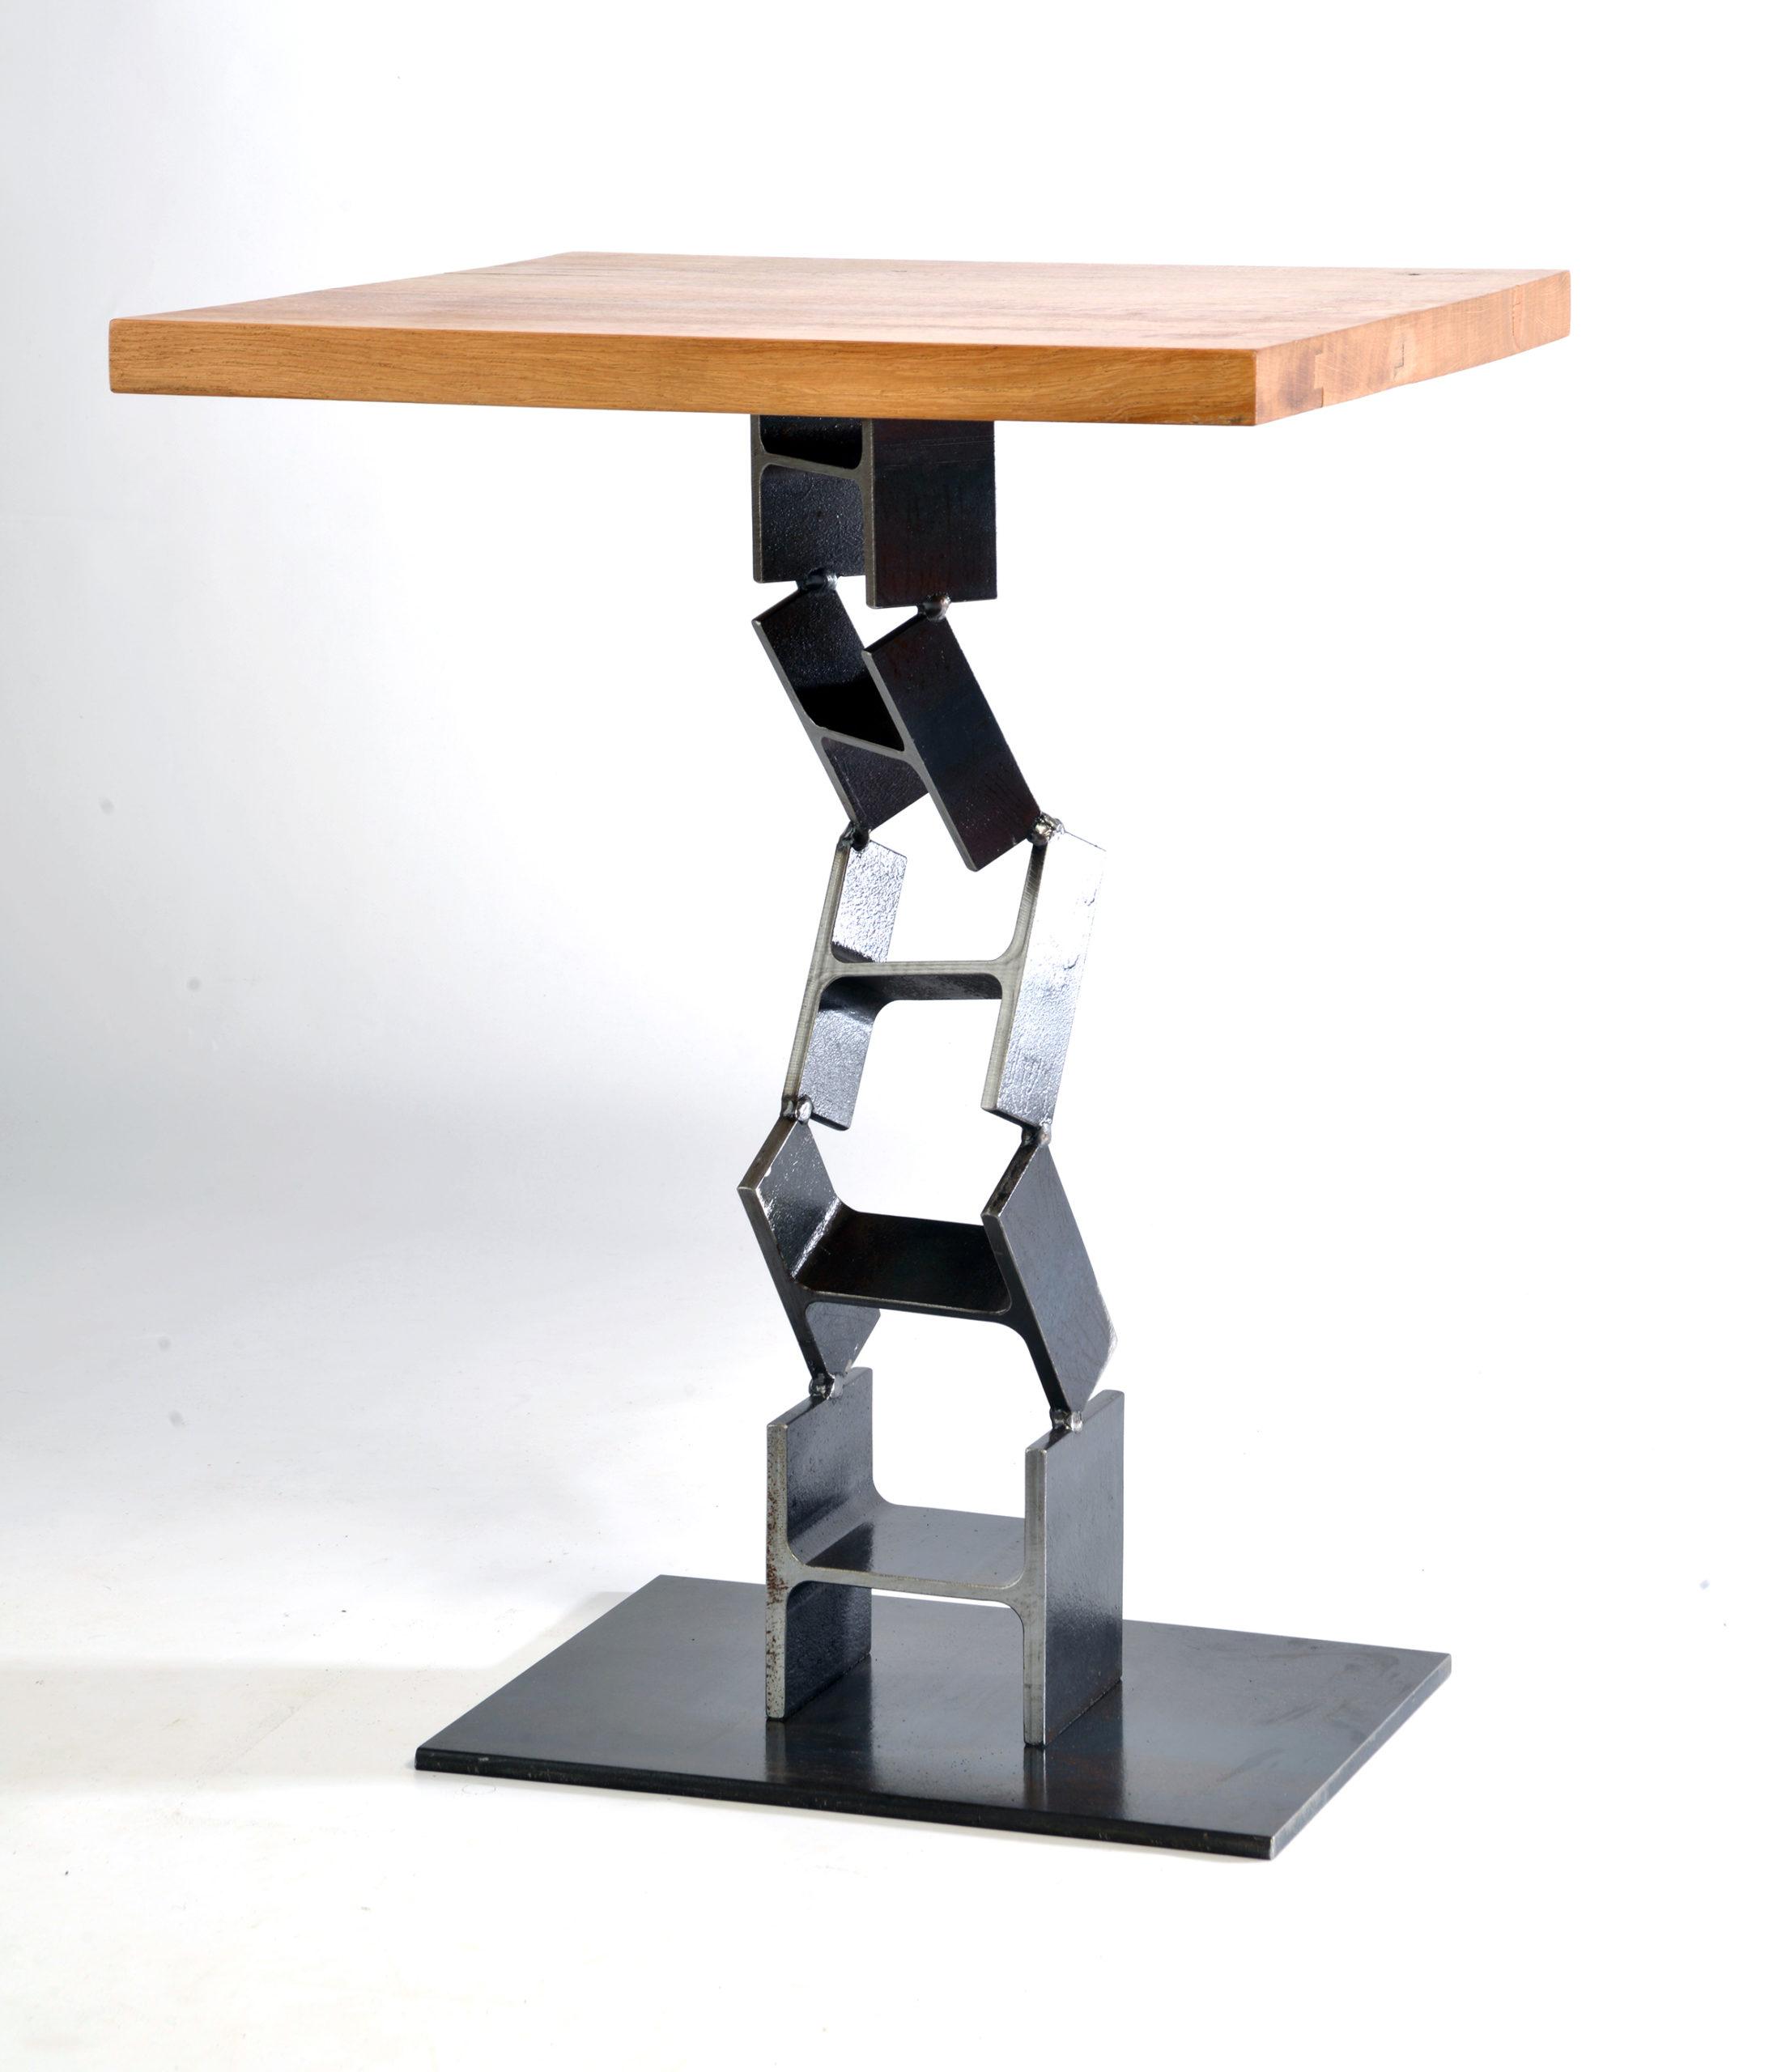 BISTROT - MANGE DEBOUT - GUÉRIDON OU TABLE HAUTE PLATEAU BOIS ET PIEDS ÉLÉMENTS IPN PERSONNALISABLE - MARQUE IPNOZE - MEUBLES EN IPN CRÉÉS PAR LIONEL PELLEGRINA